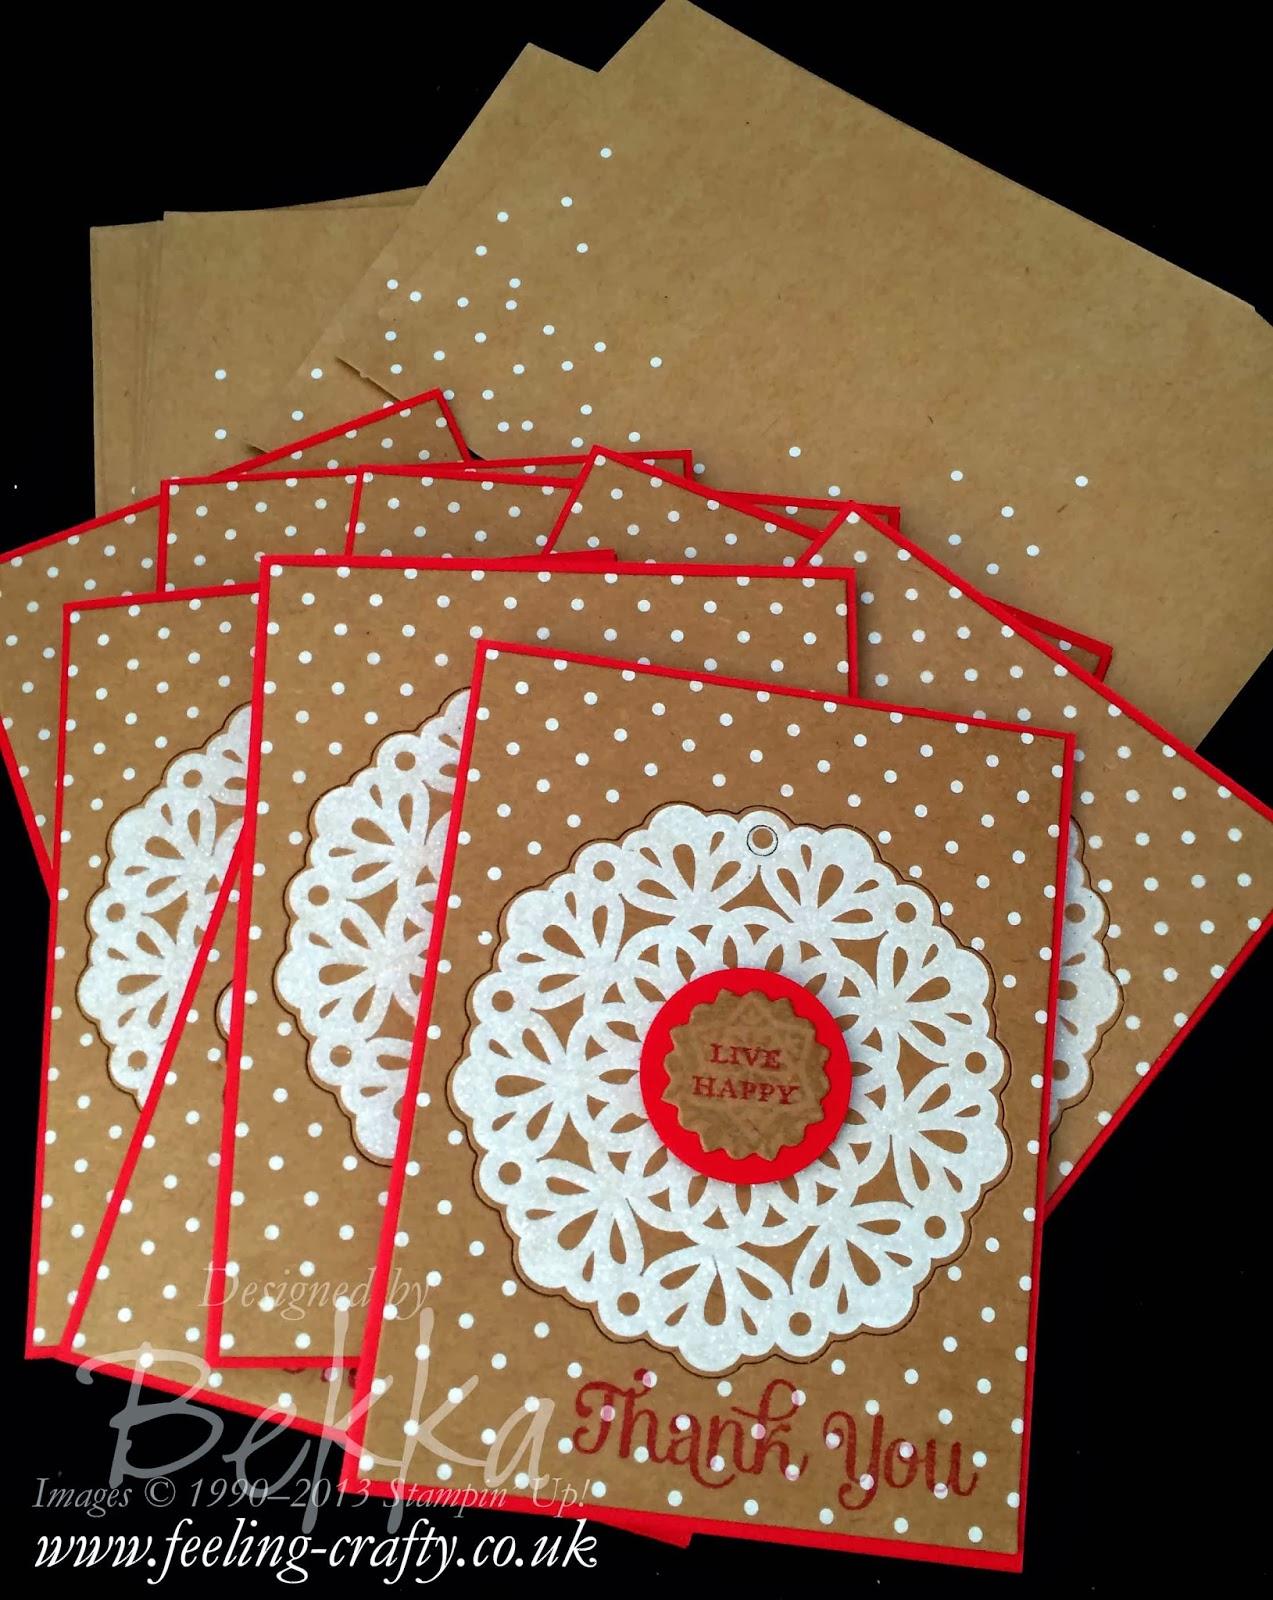 Snowflake Season Thank You Card - Using Up Christmas Stash after Christmas - Good Plan